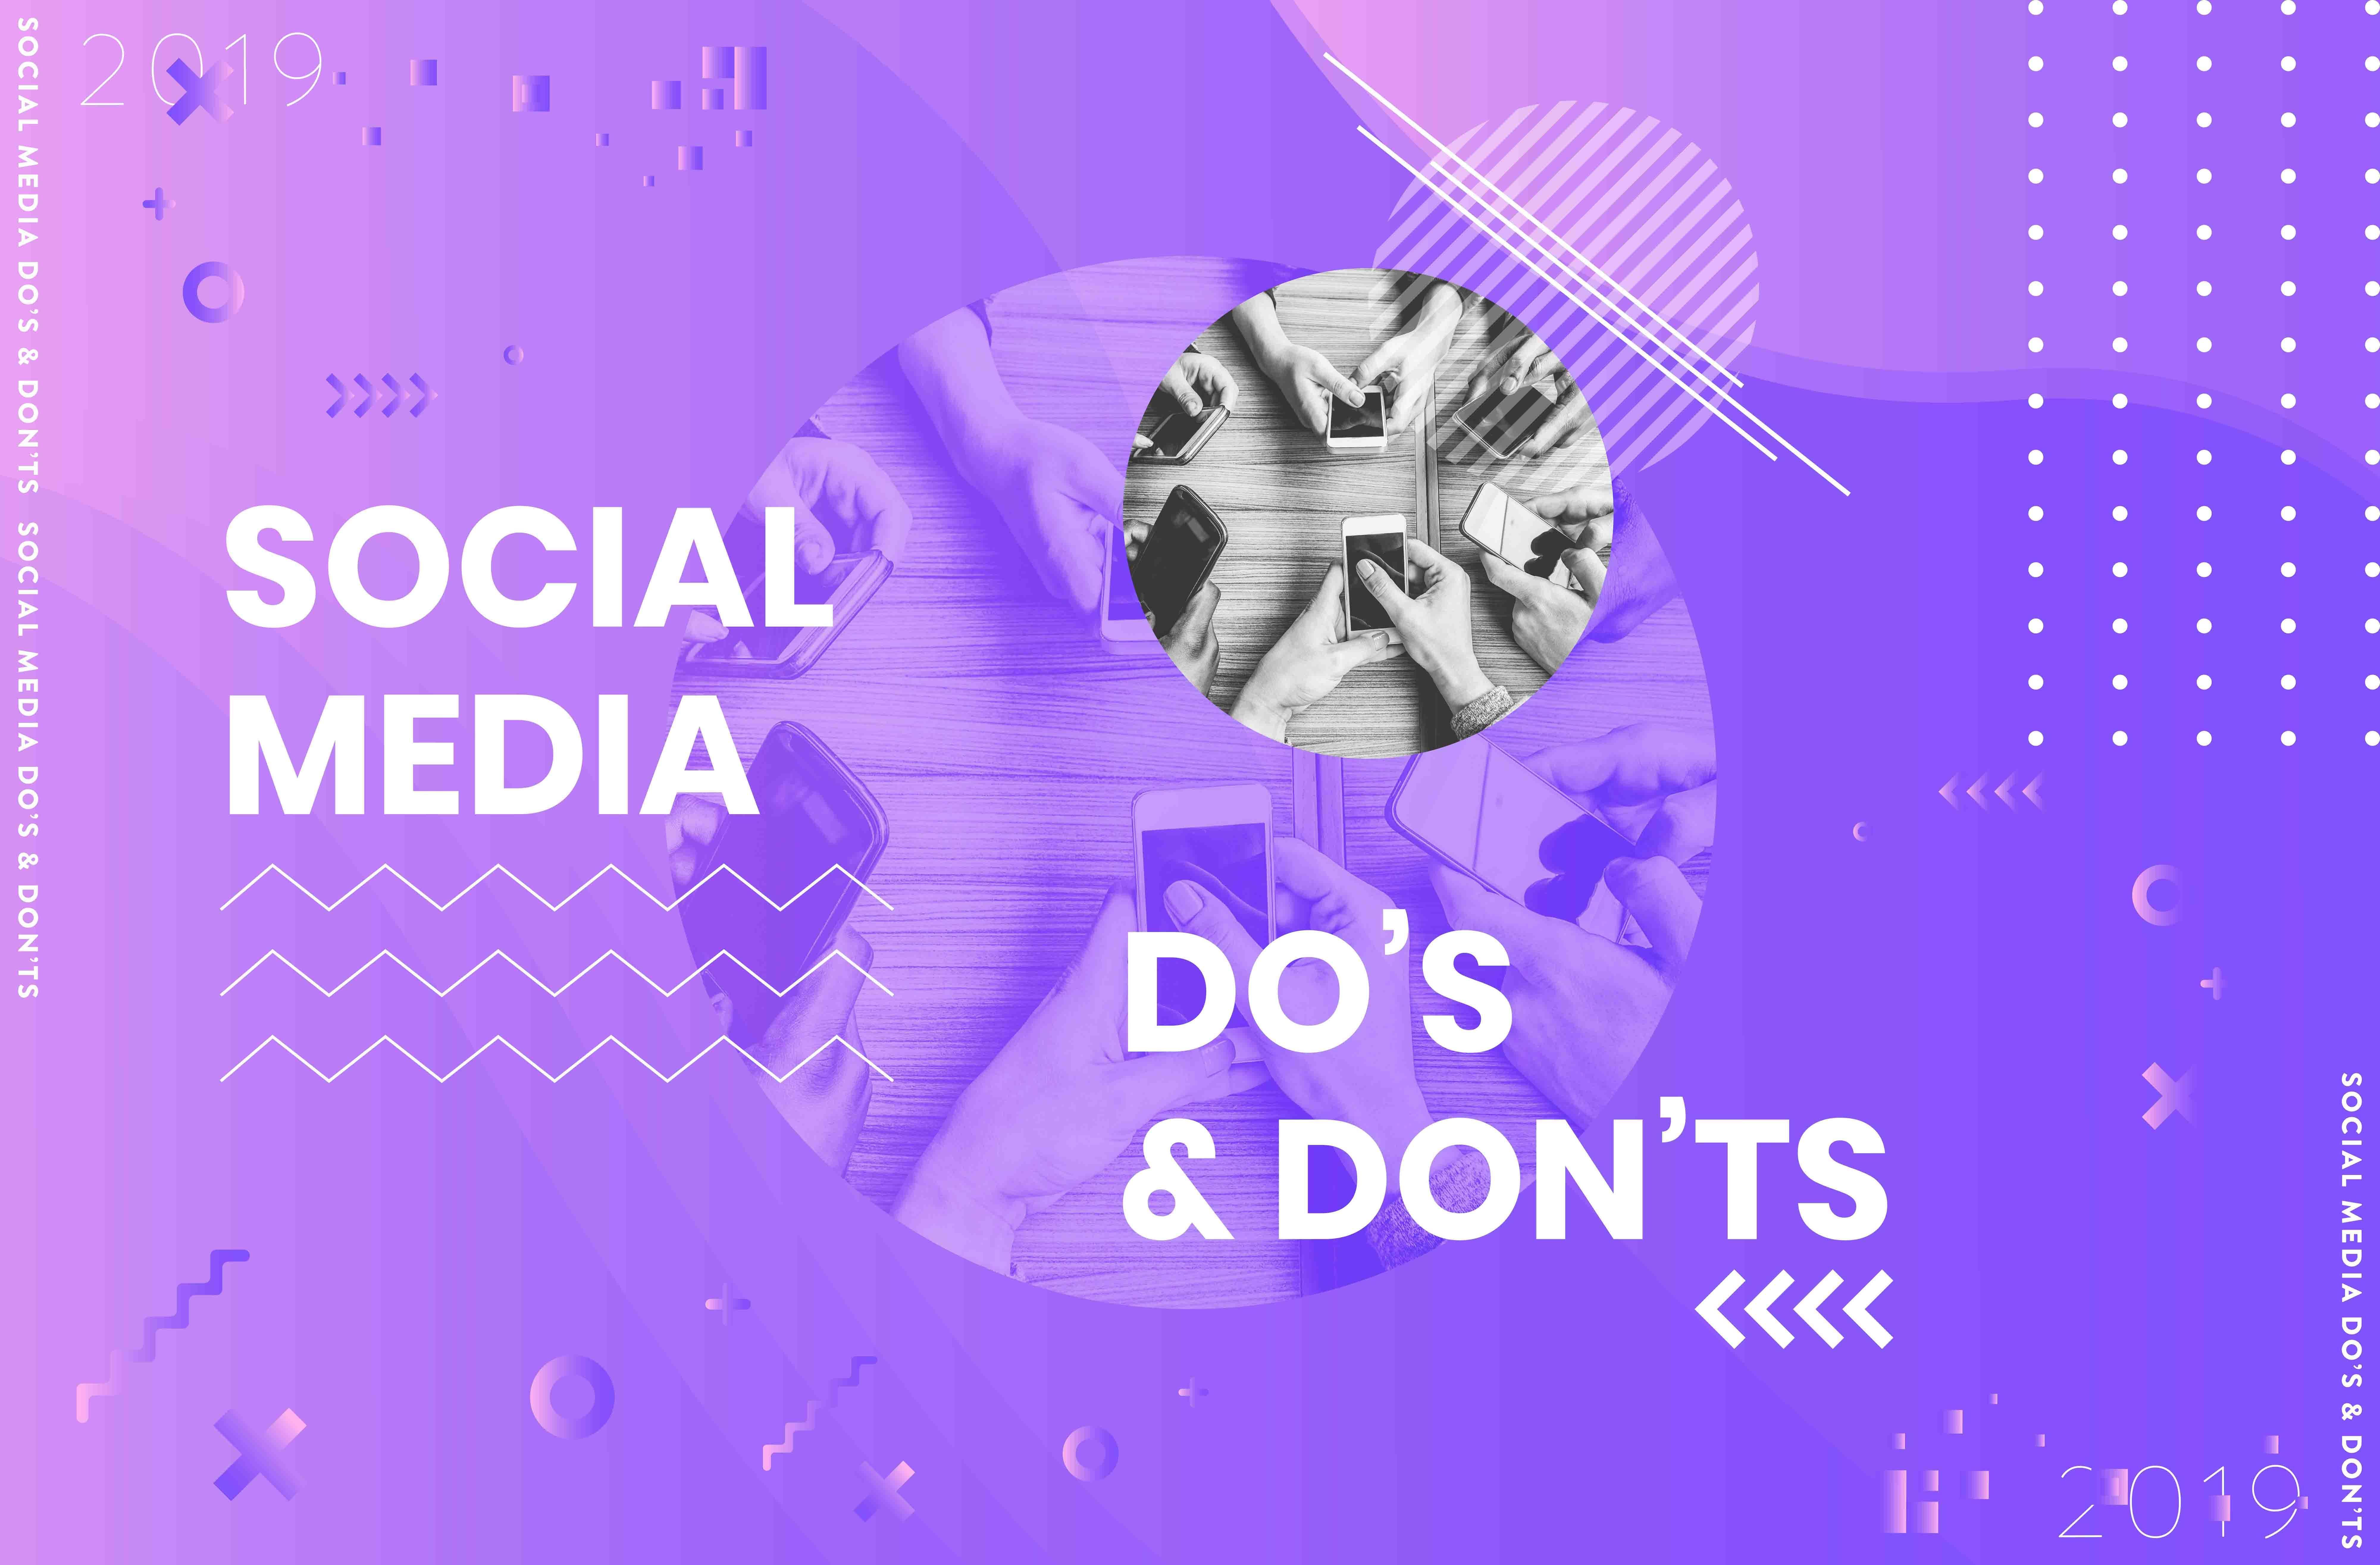 2019 SOCIAL MEDIA DOS AND DON'TS - News